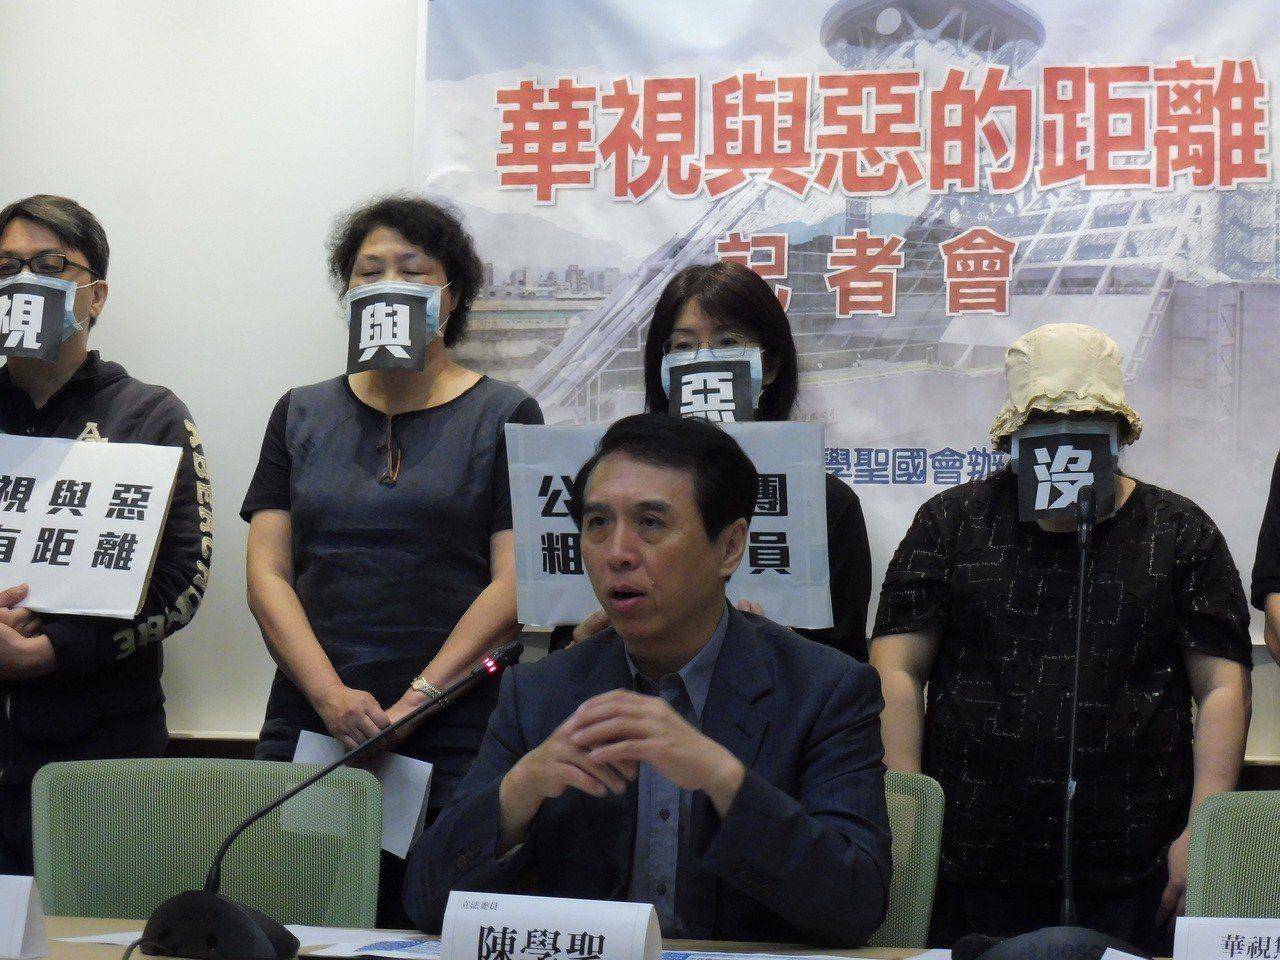 陳學聖舉行「華視與惡的距離」記者會。記者賴于榛/攝影